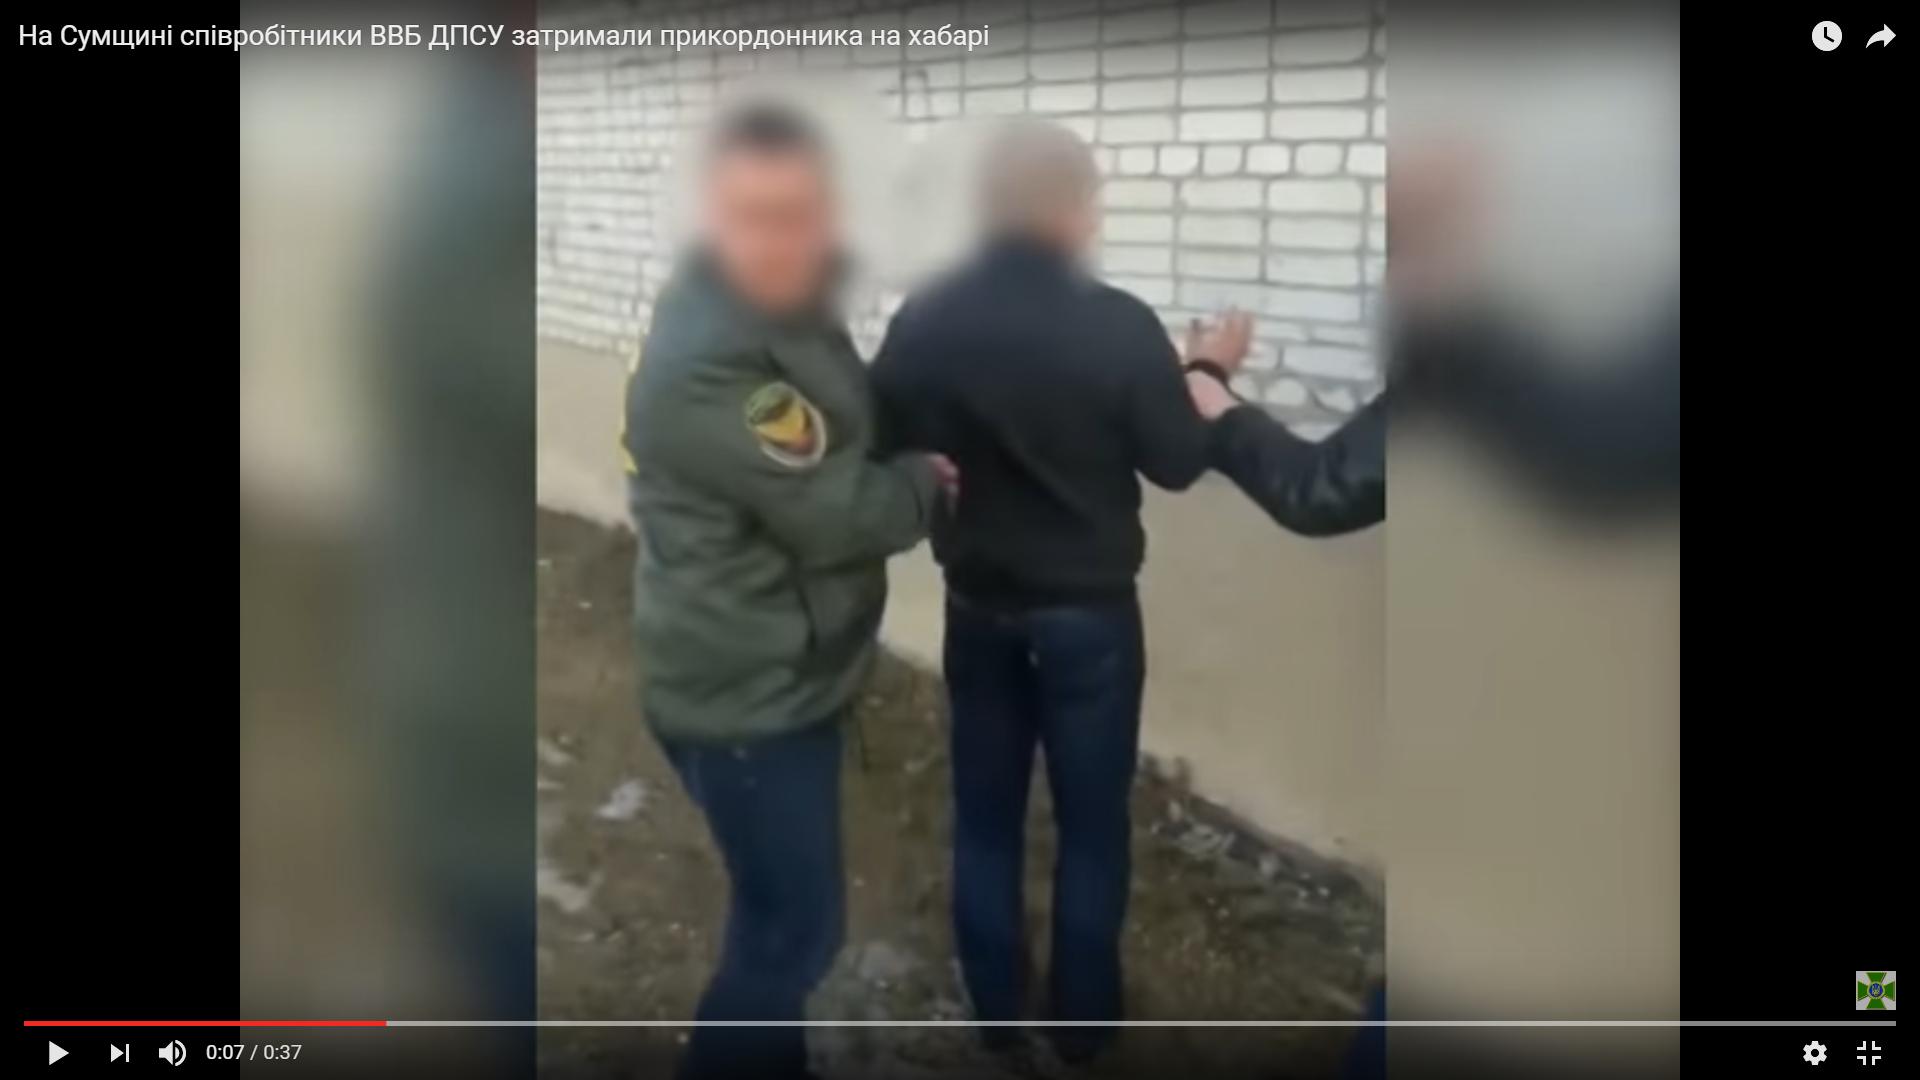 Далеко не втік: на значному хабарі затримали інспектора прикордонної служби (ВІДЕО)